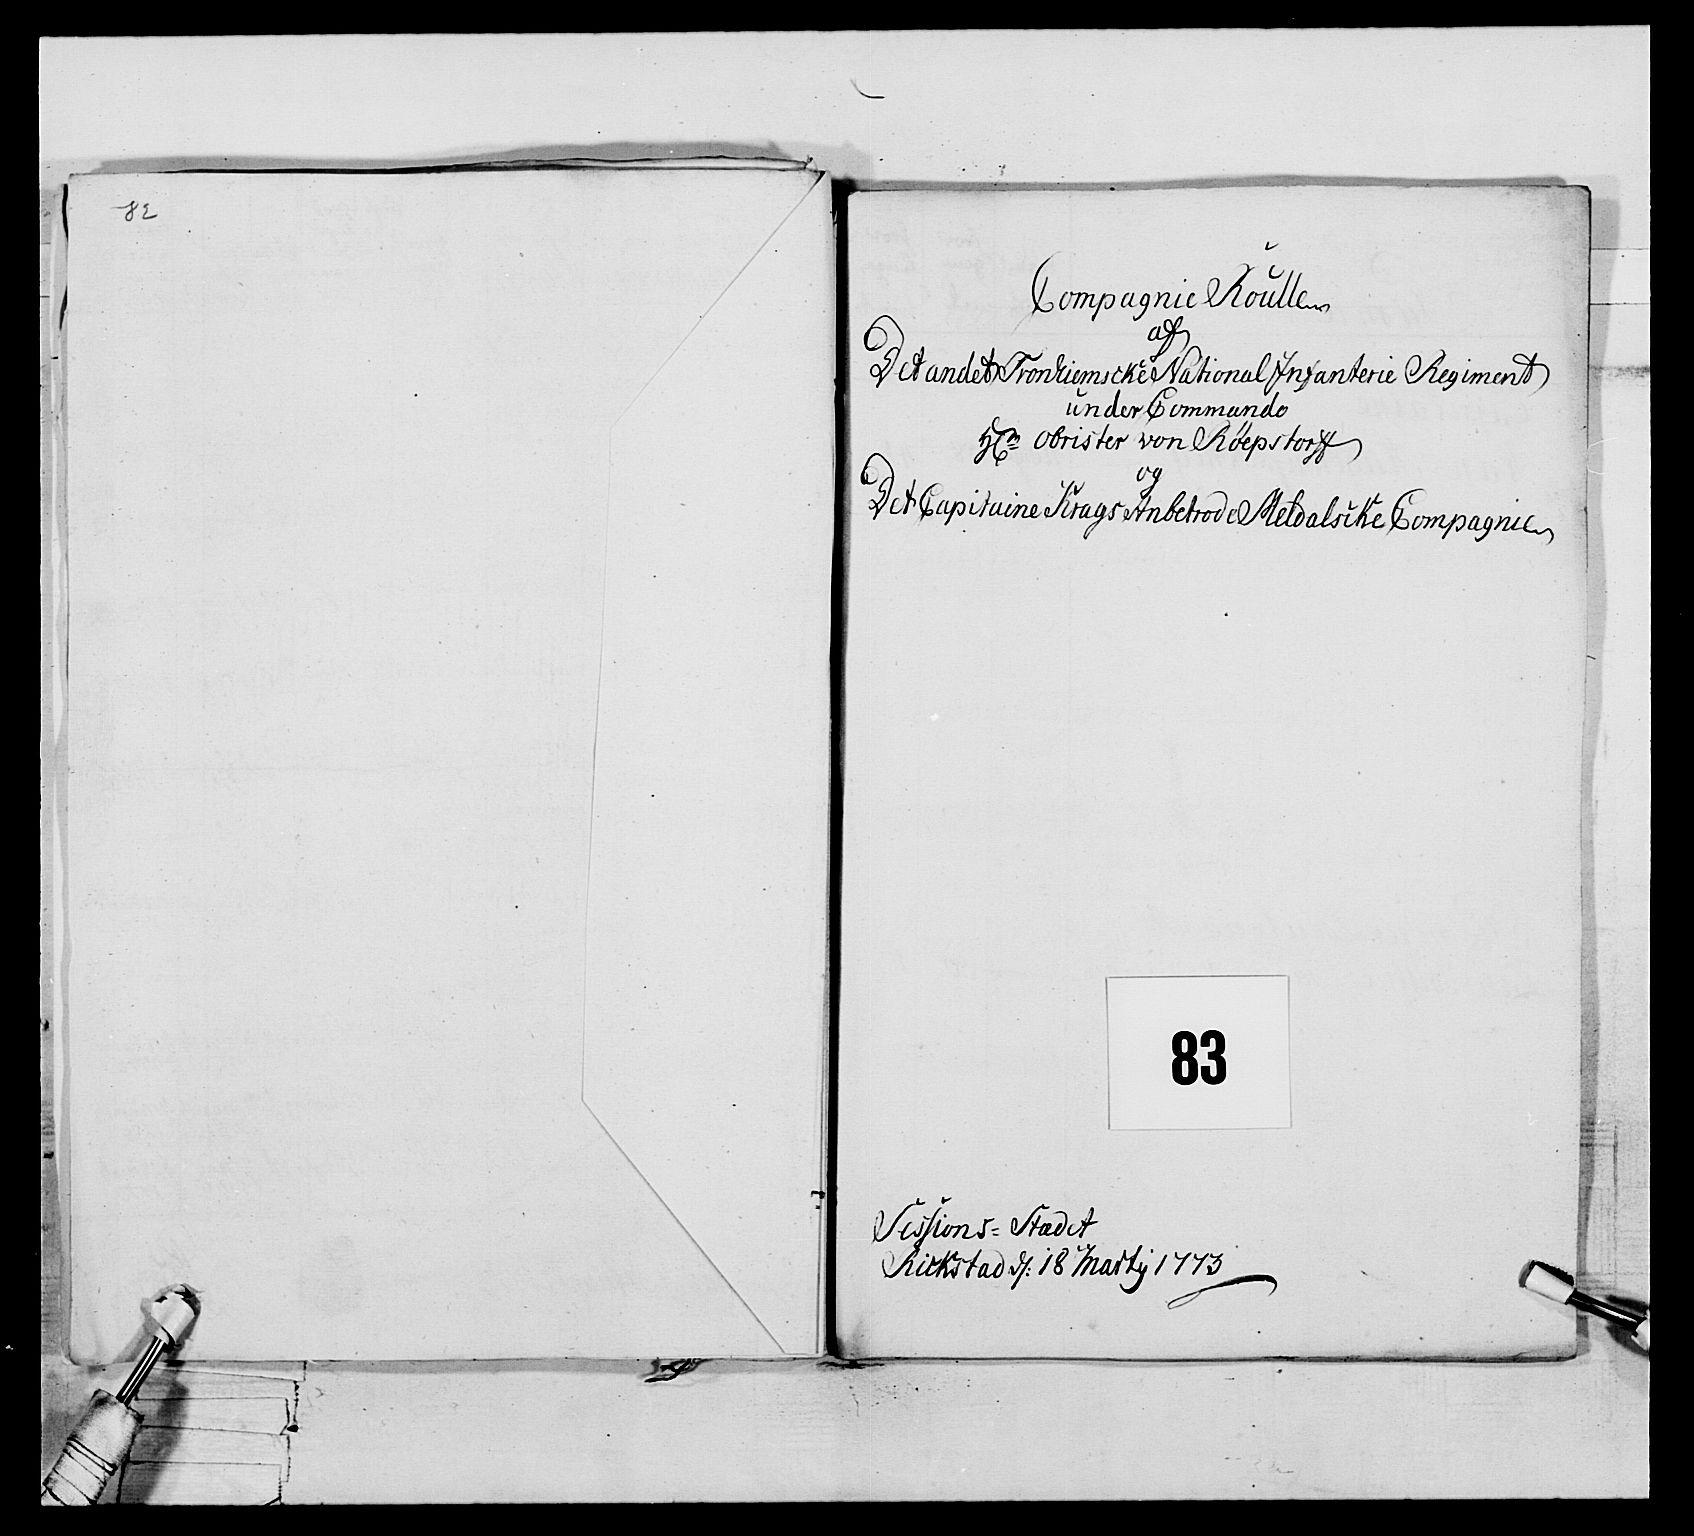 RA, Generalitets- og kommissariatskollegiet, Det kongelige norske kommissariatskollegium, E/Eh/L0076: 2. Trondheimske nasjonale infanteriregiment, 1766-1773, s. 422